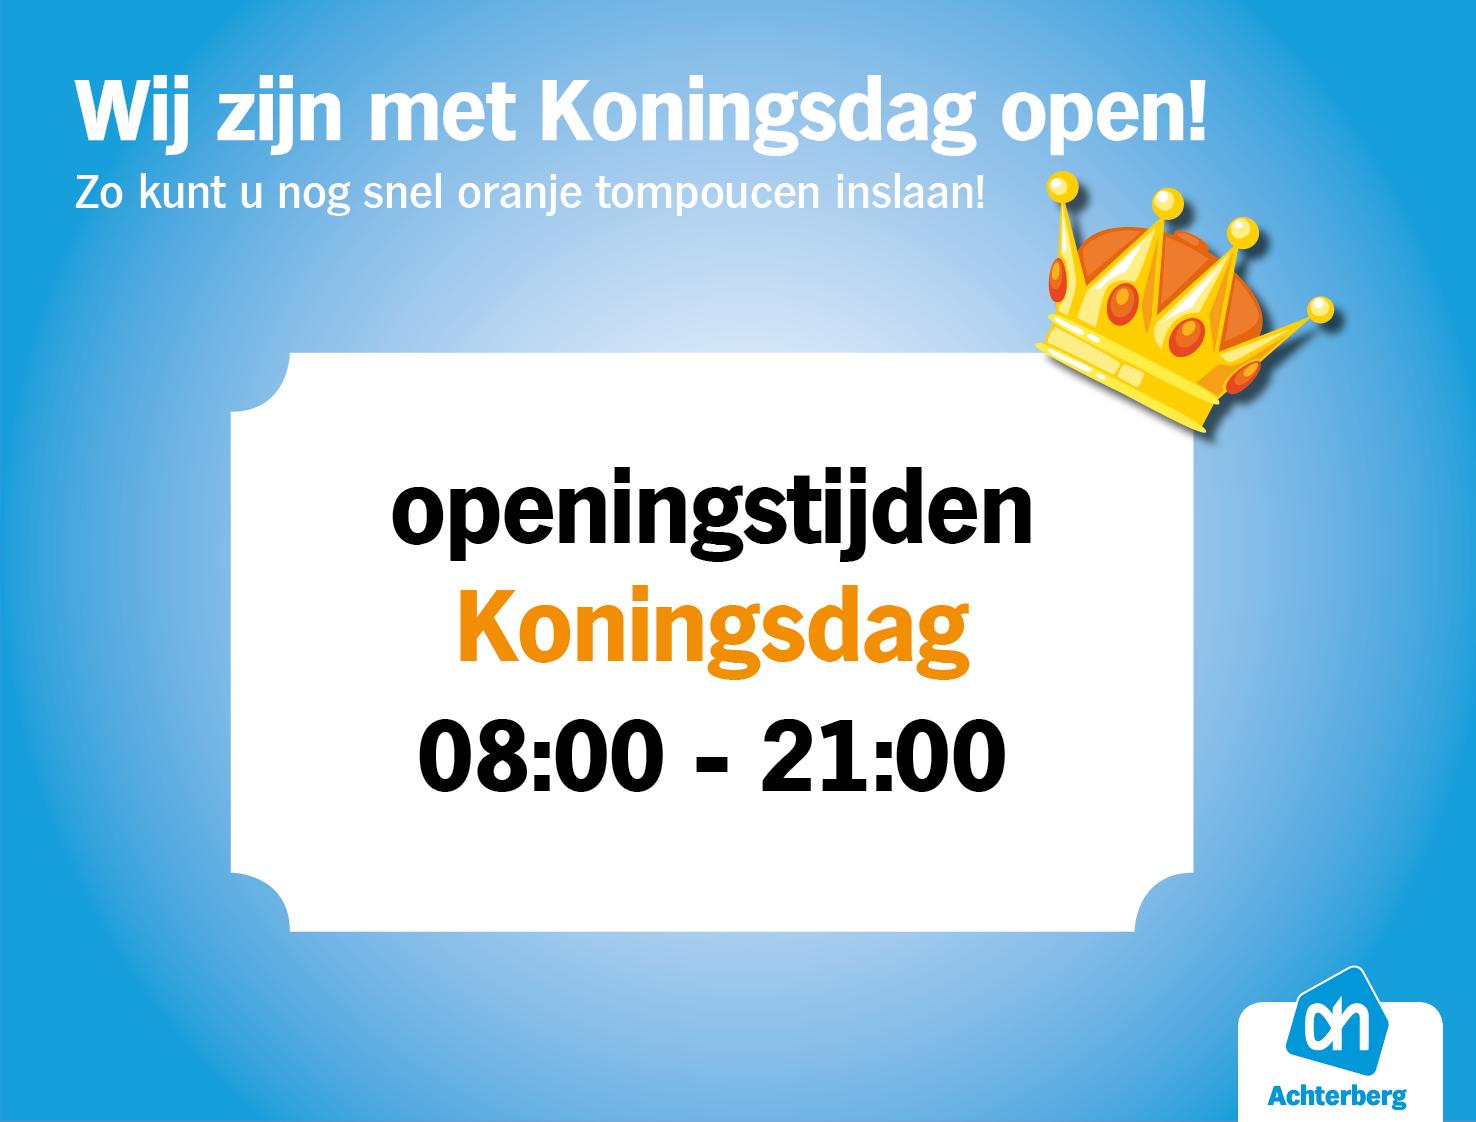 Wij zijn geopend met Koningsdag!